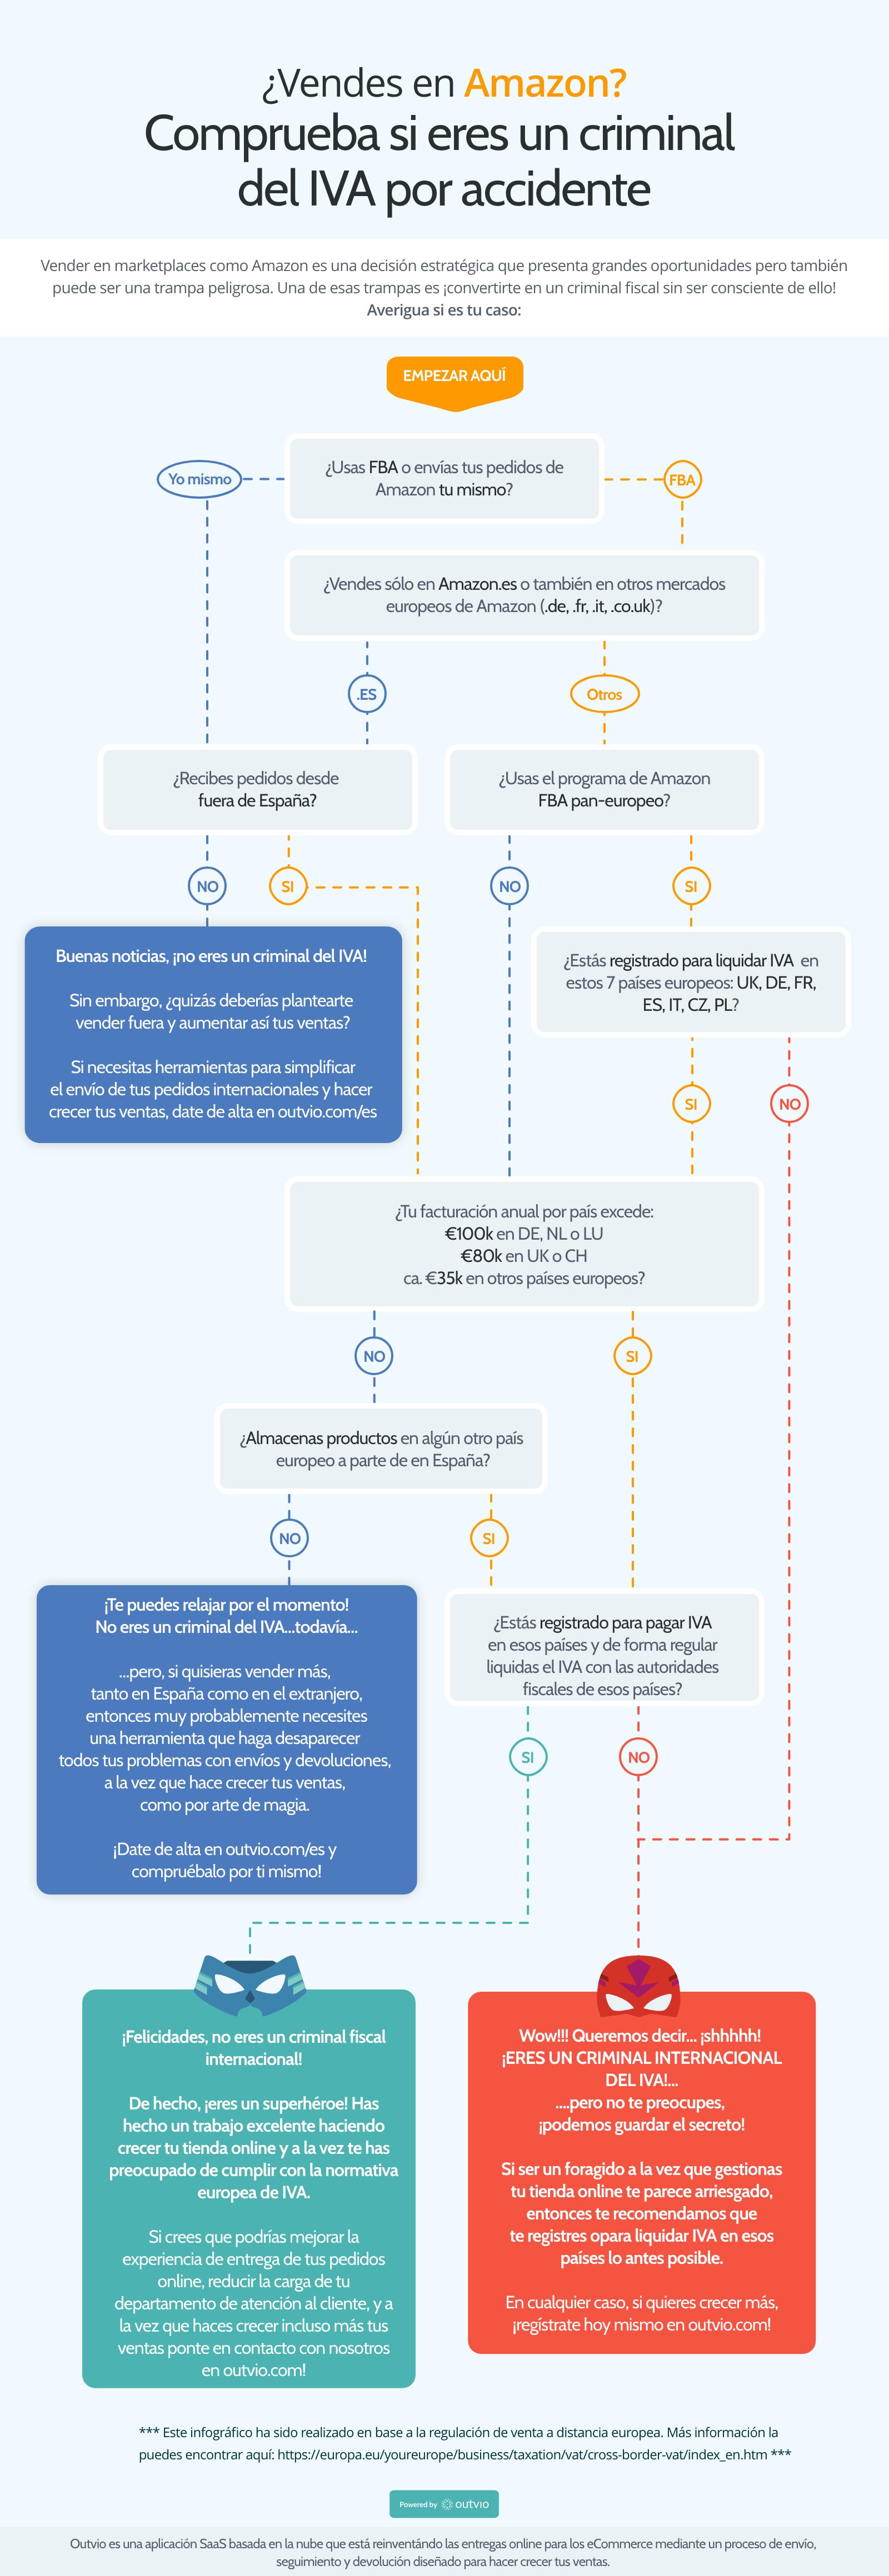 Guía práctica sobre cómo liquidar el IVA cuando vendes en Amazon.